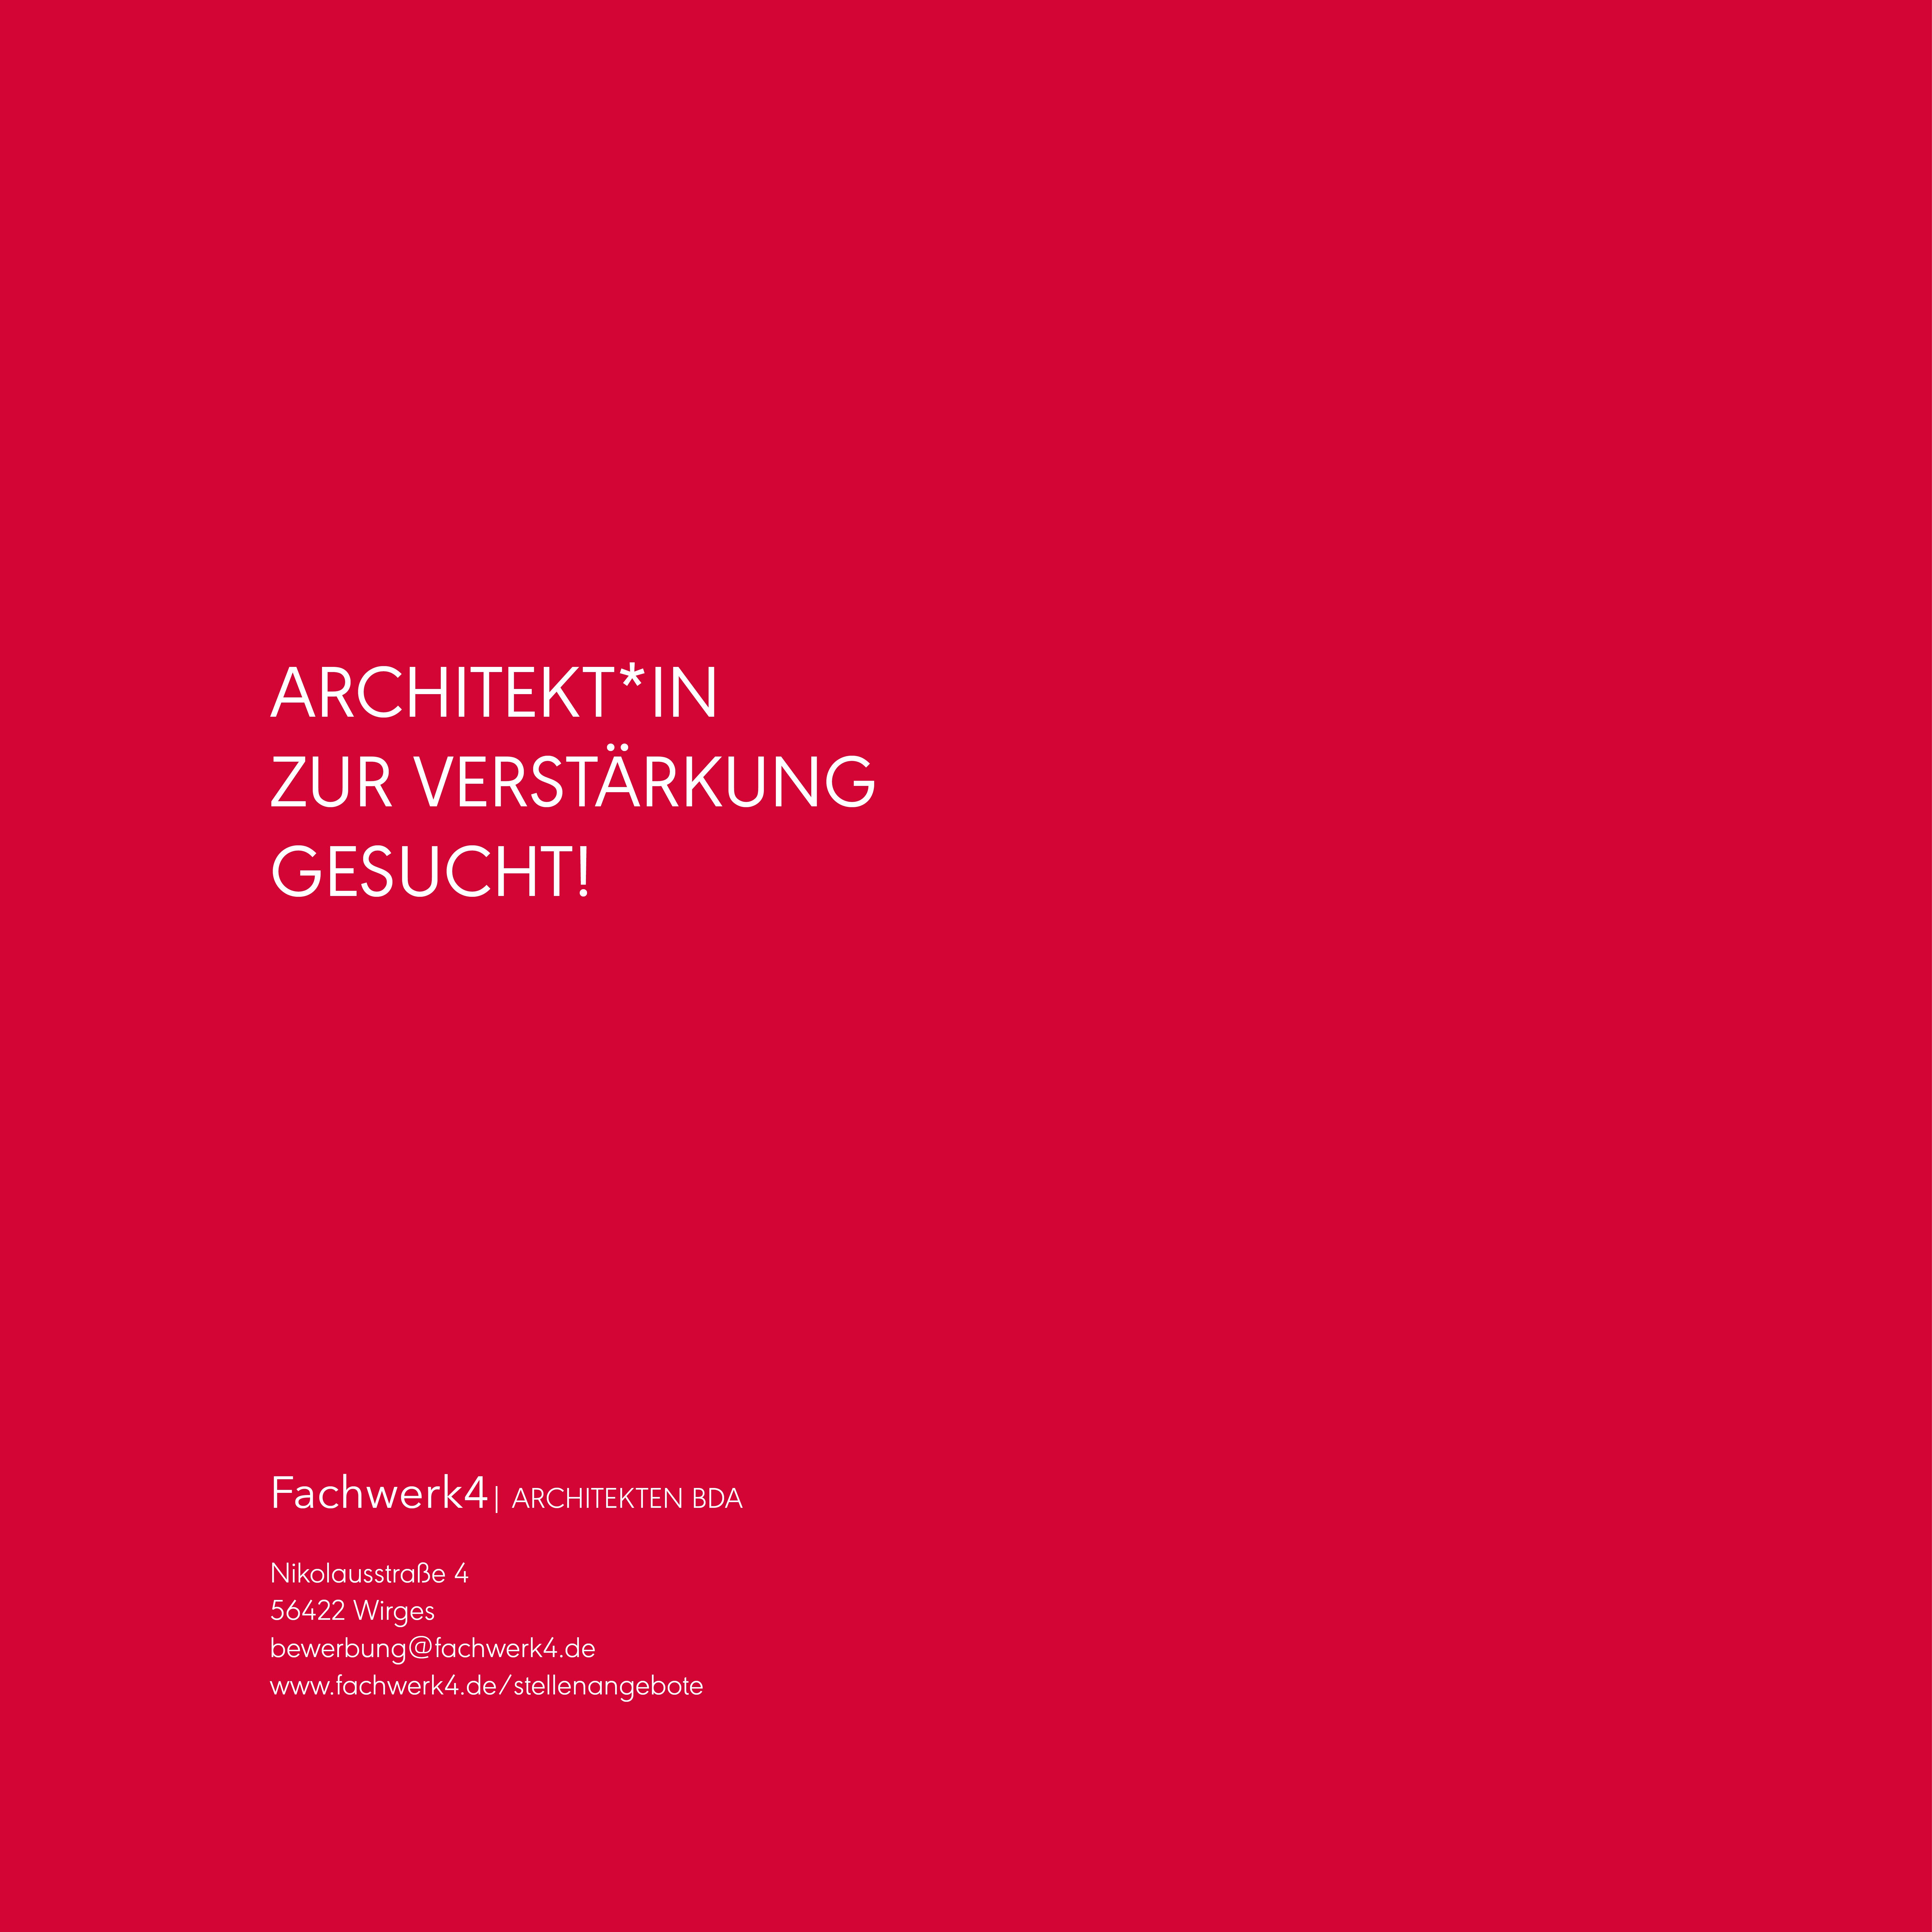 Wir suchen eine*n Architekt*in für unser Architekturbüro in Wirges bei Montabaur, Rheinland-Pfalz | Fachwerk4 | Architekten BDA